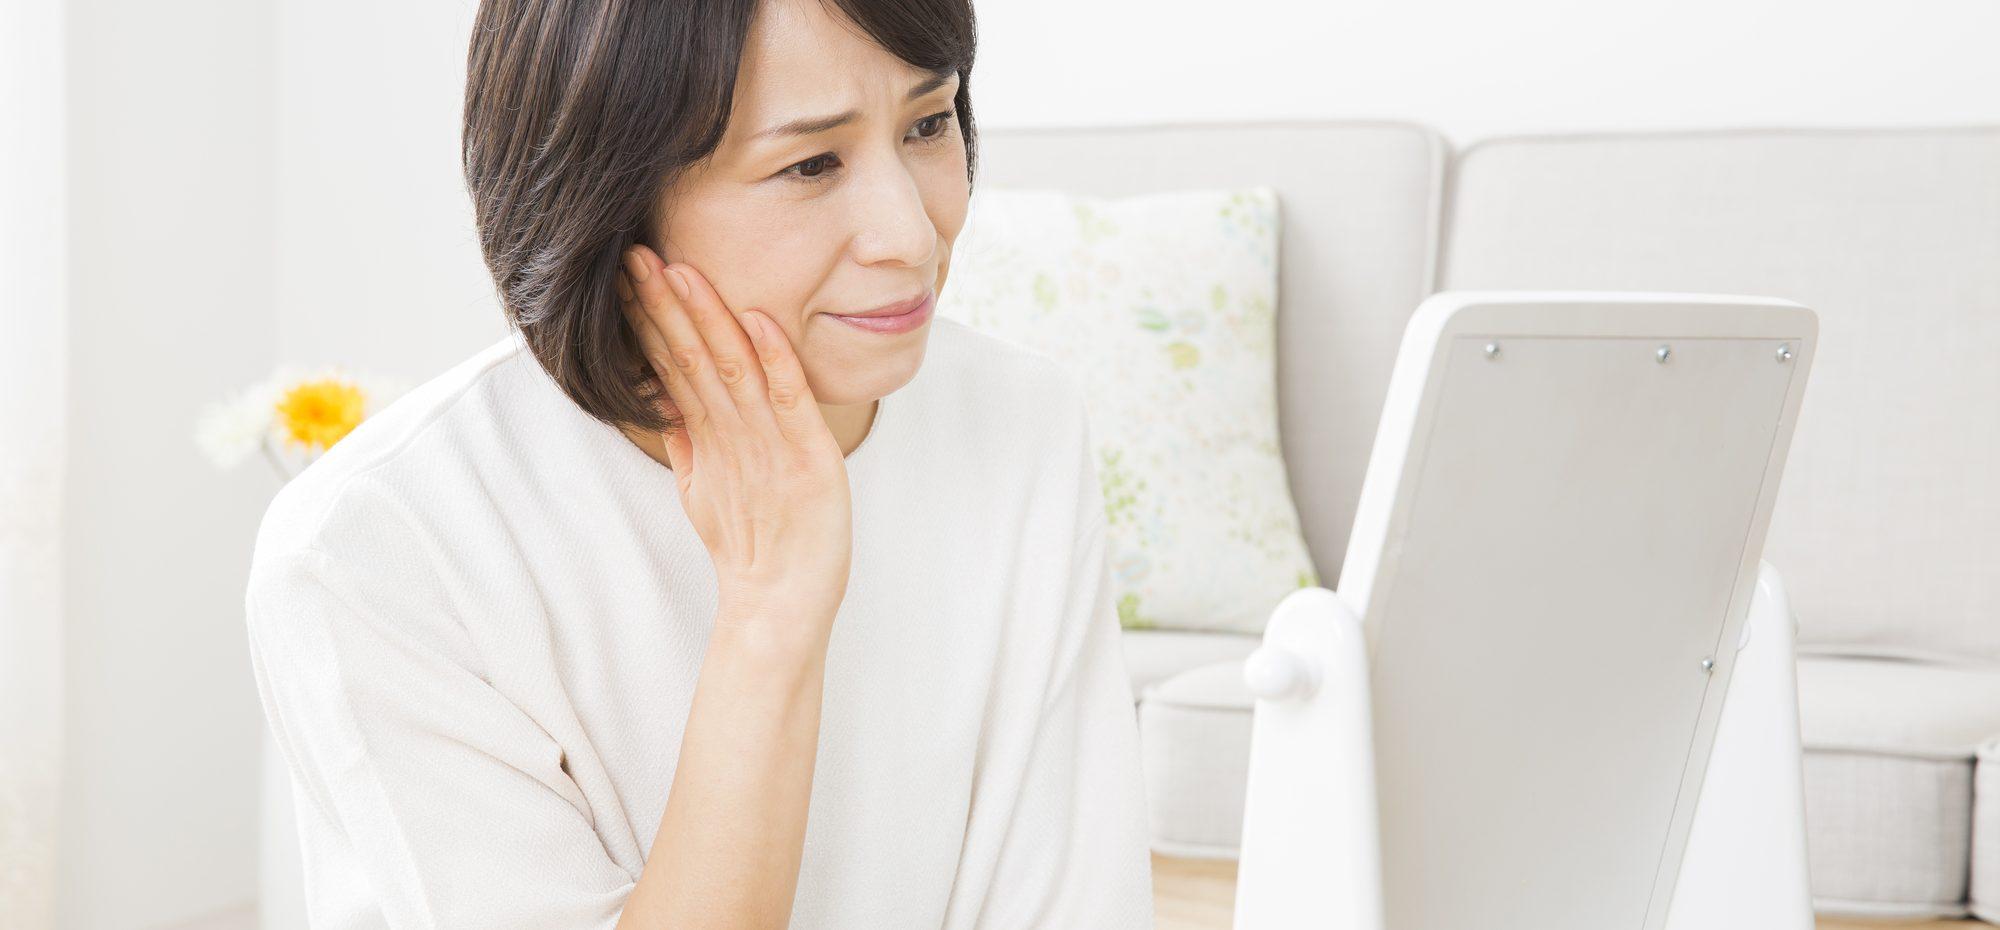 仙台市若林区で美容鍼の施術を希望される方は、おきの鍼灸整骨院へ